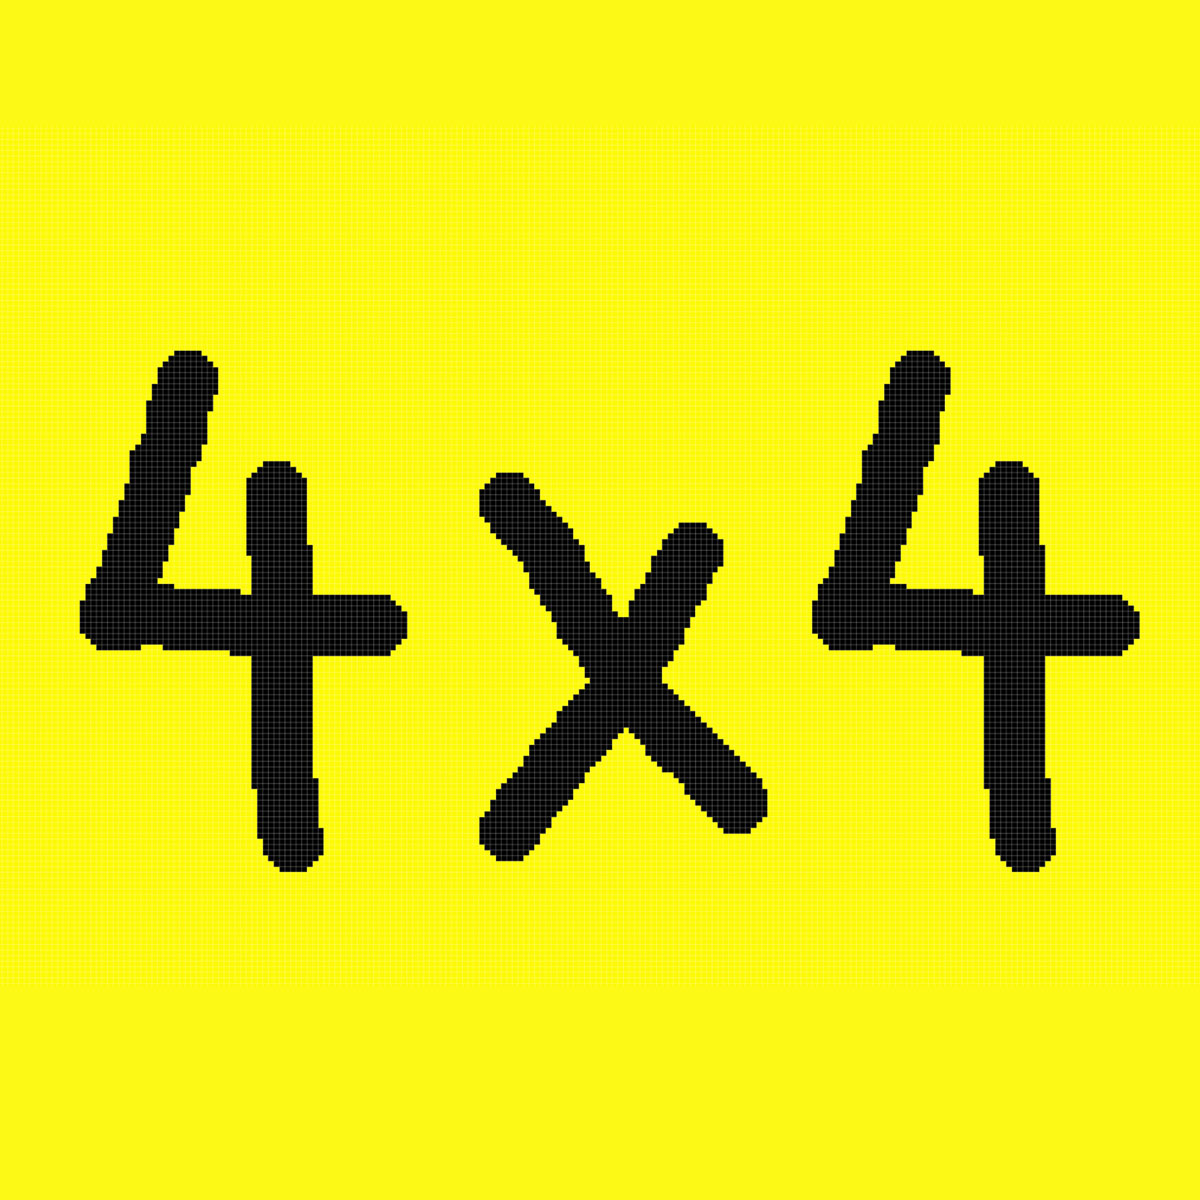 4x4_AMP